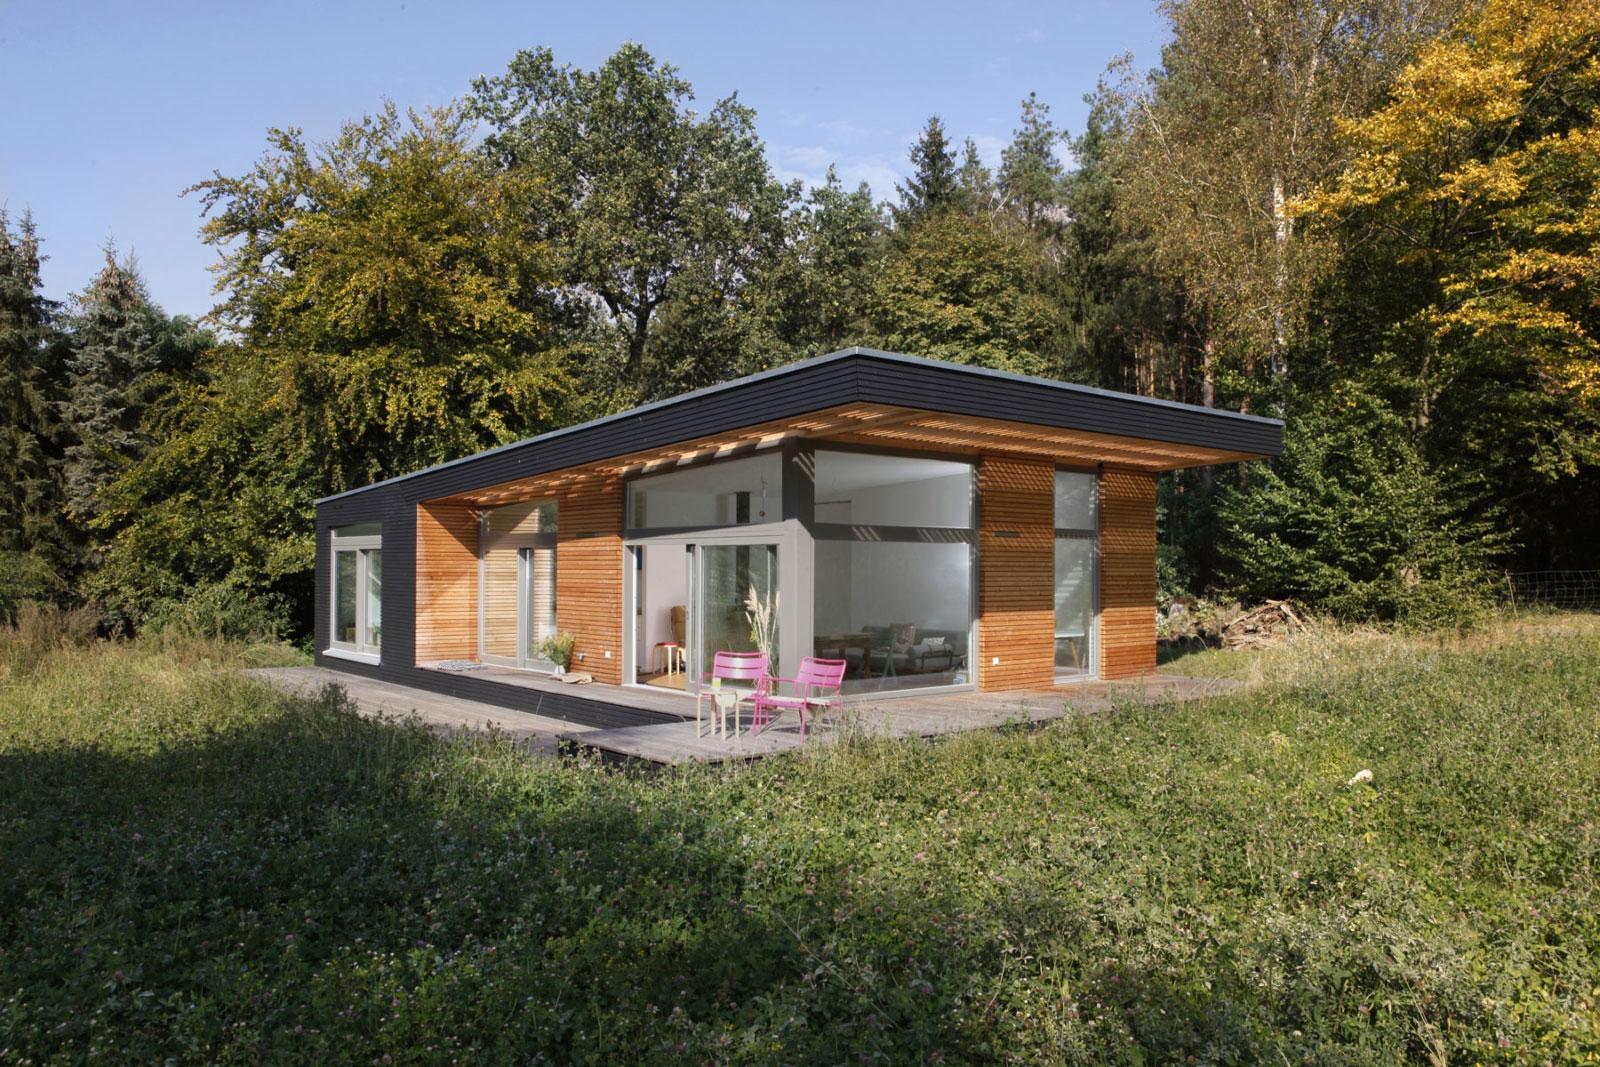 Holzhaus - helle Räume und eine überdachte Terrasse.